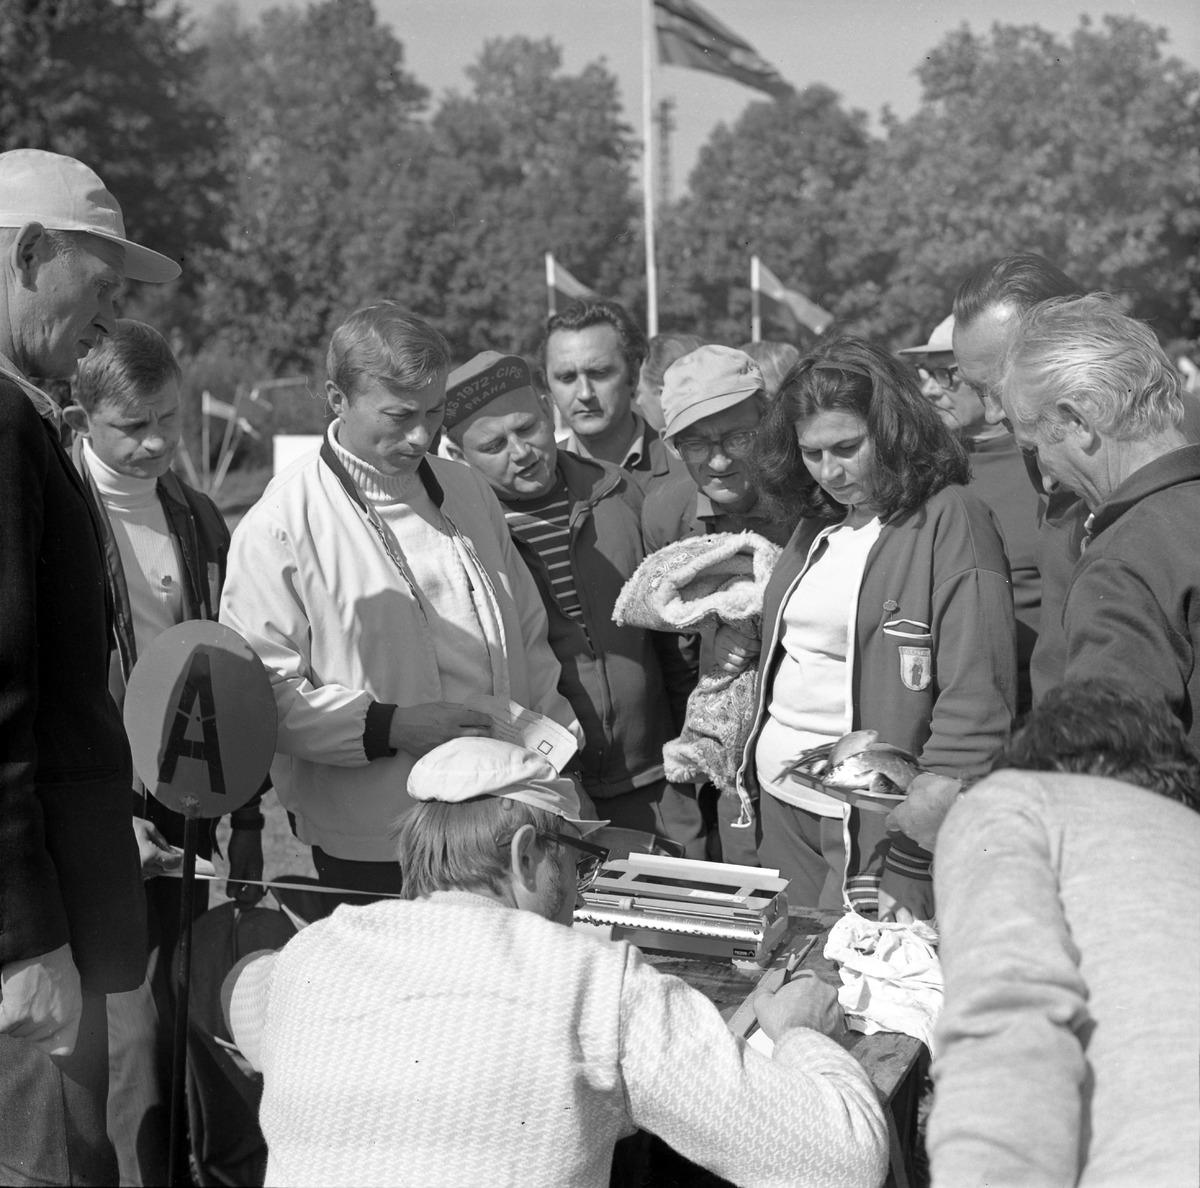 Wędkarskie Mistrzostwa Polski, 1972 r. [7]